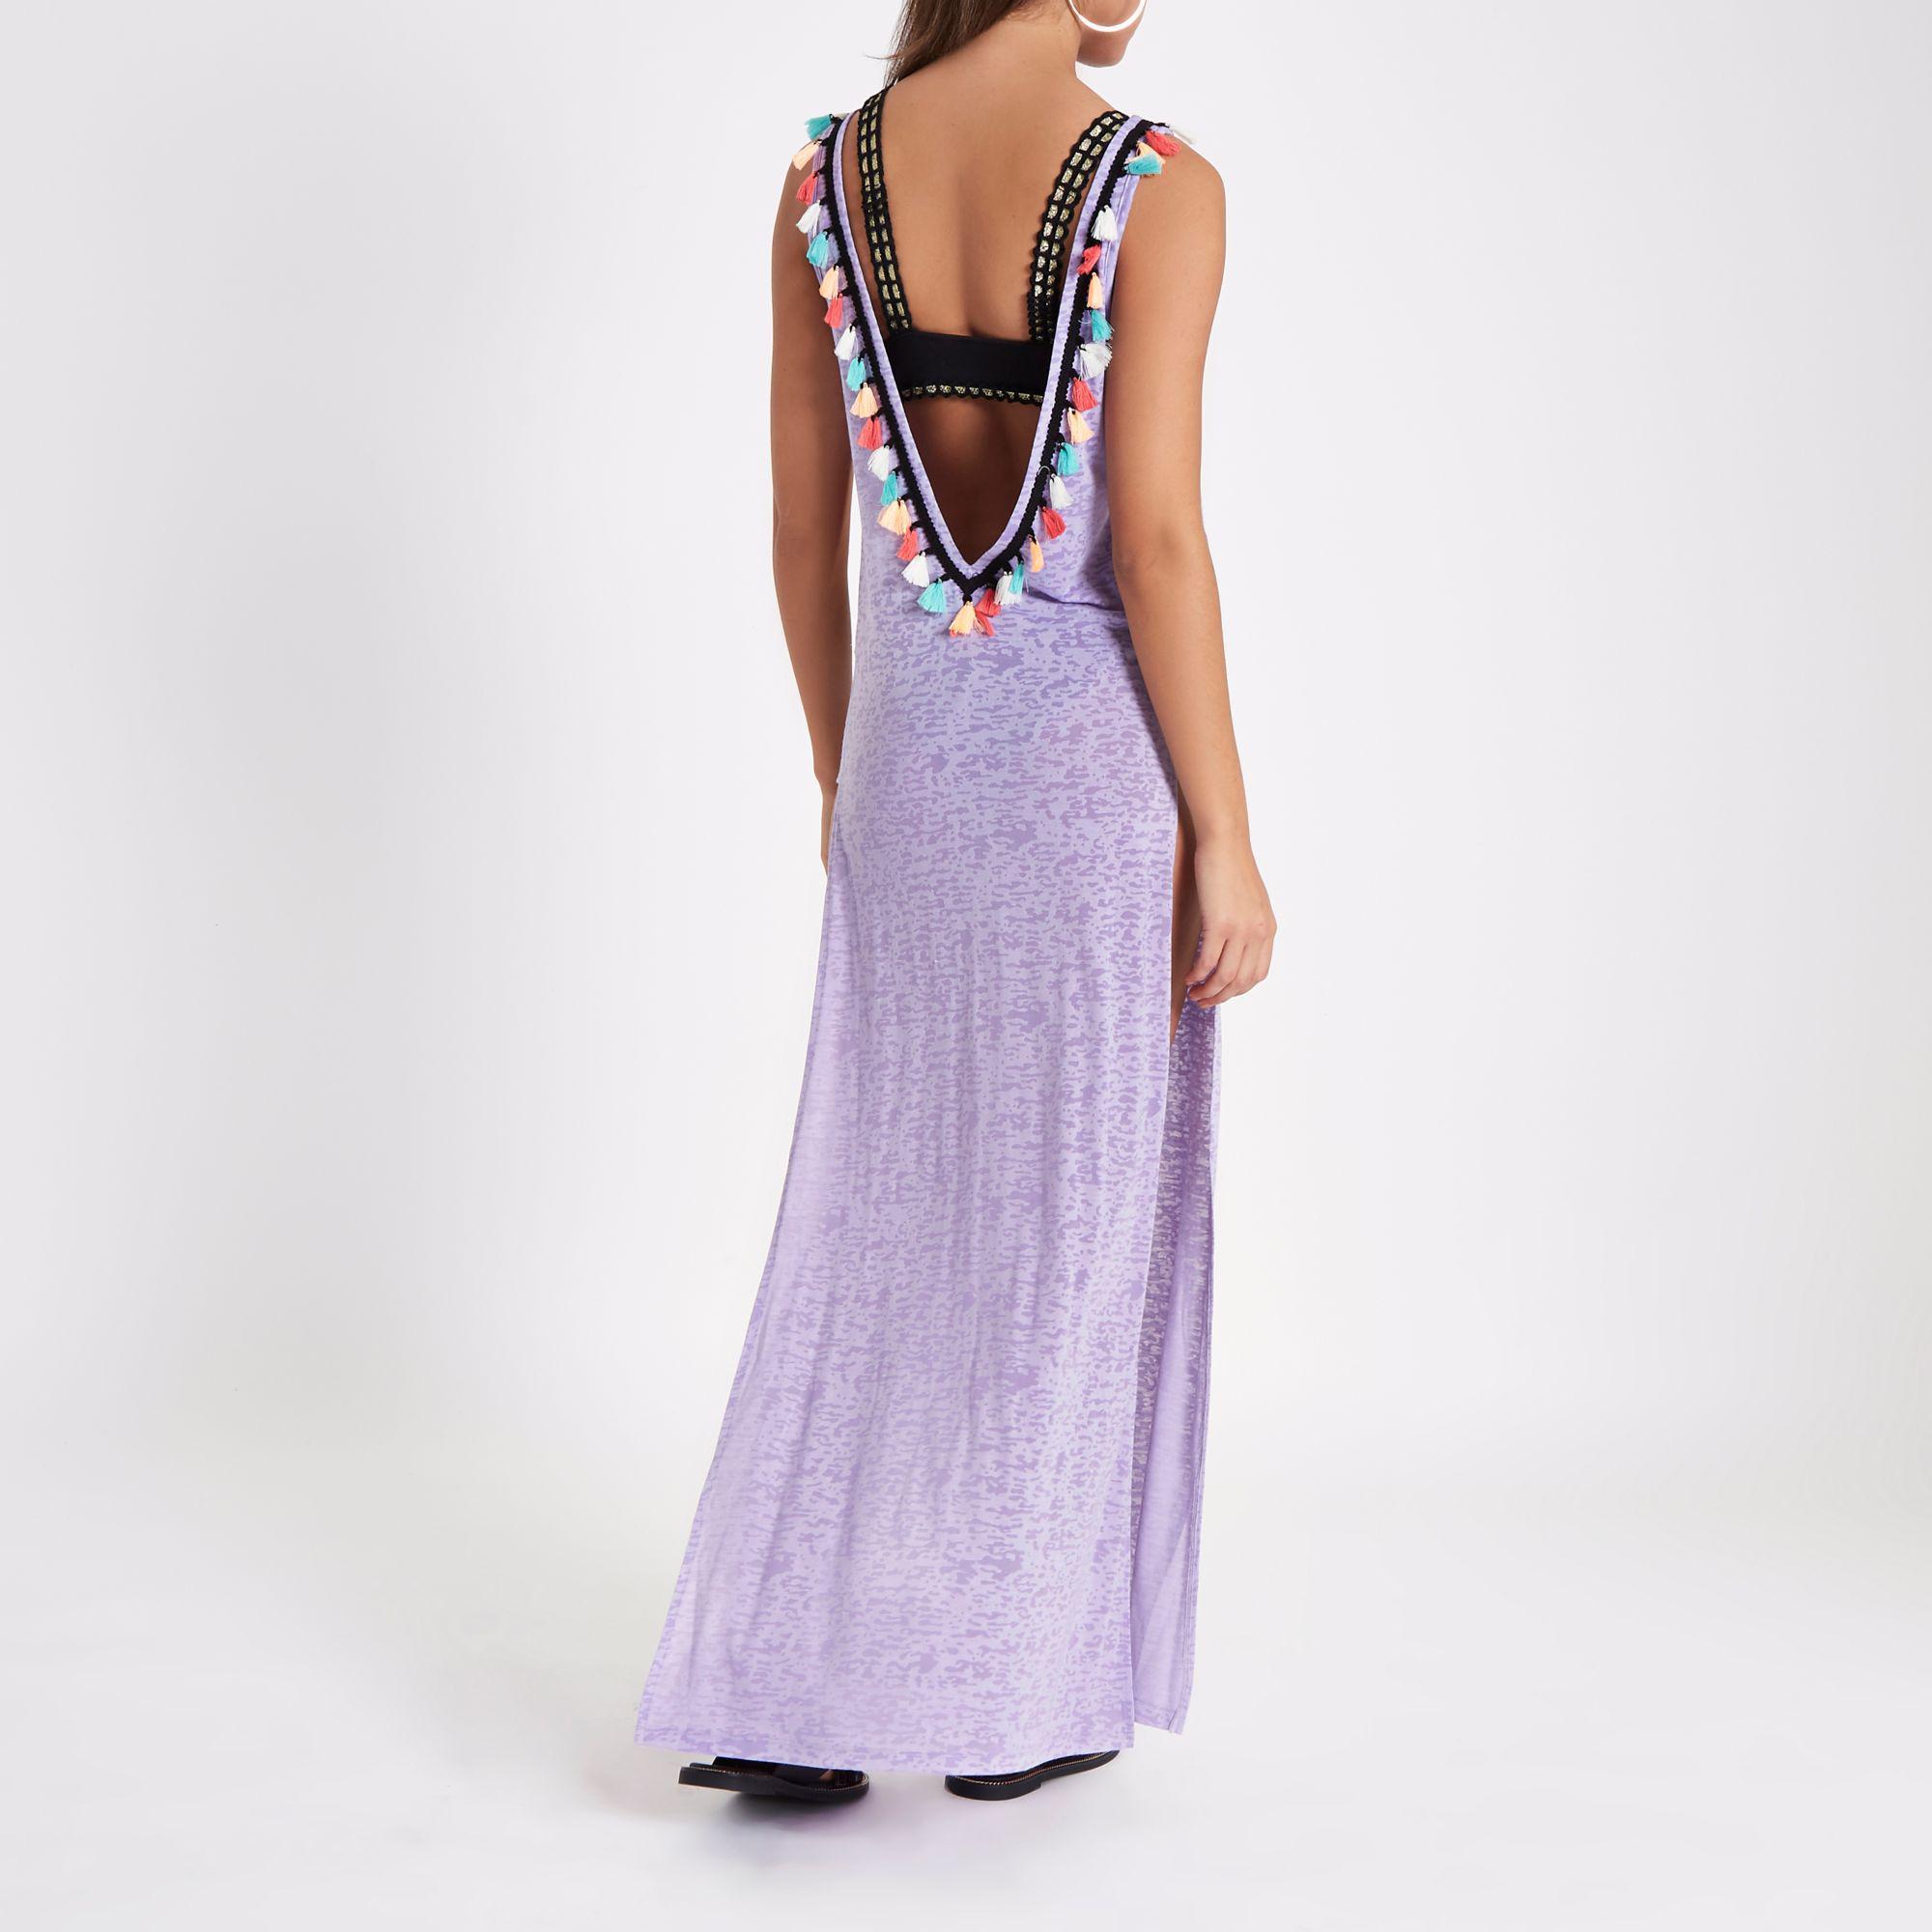 af6f06b0c000f River Island Light Purple Tassel Cut Out Maxi Beach Dress in Purple ...